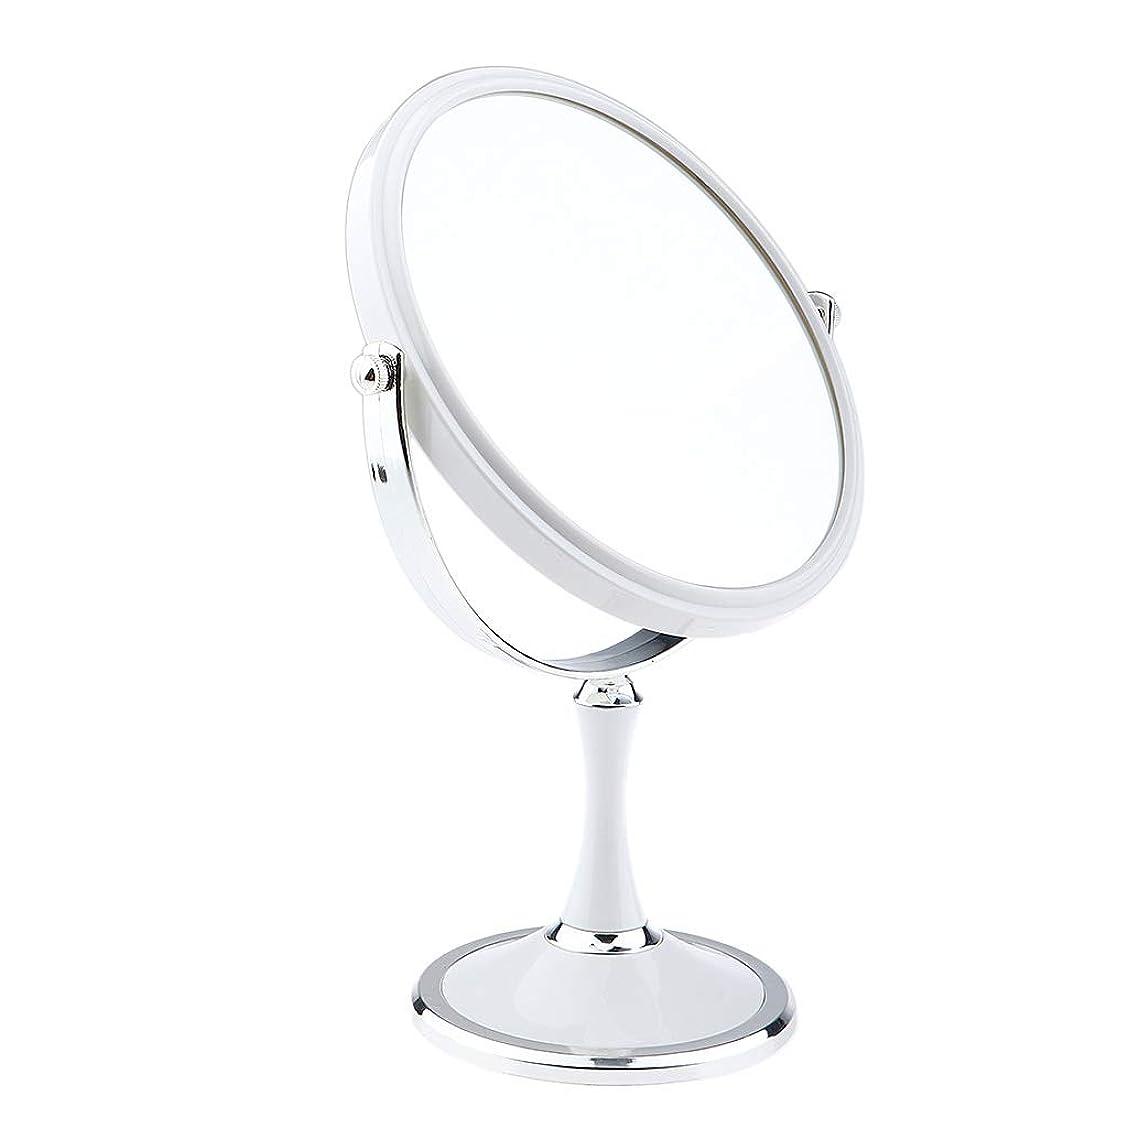 シリングファイター証書B Blesiya メイクアップミラー デュアルサイド 化粧鏡 1X / 3X 拡大鏡 ラウンド 卓上鏡 2色選べ - 白